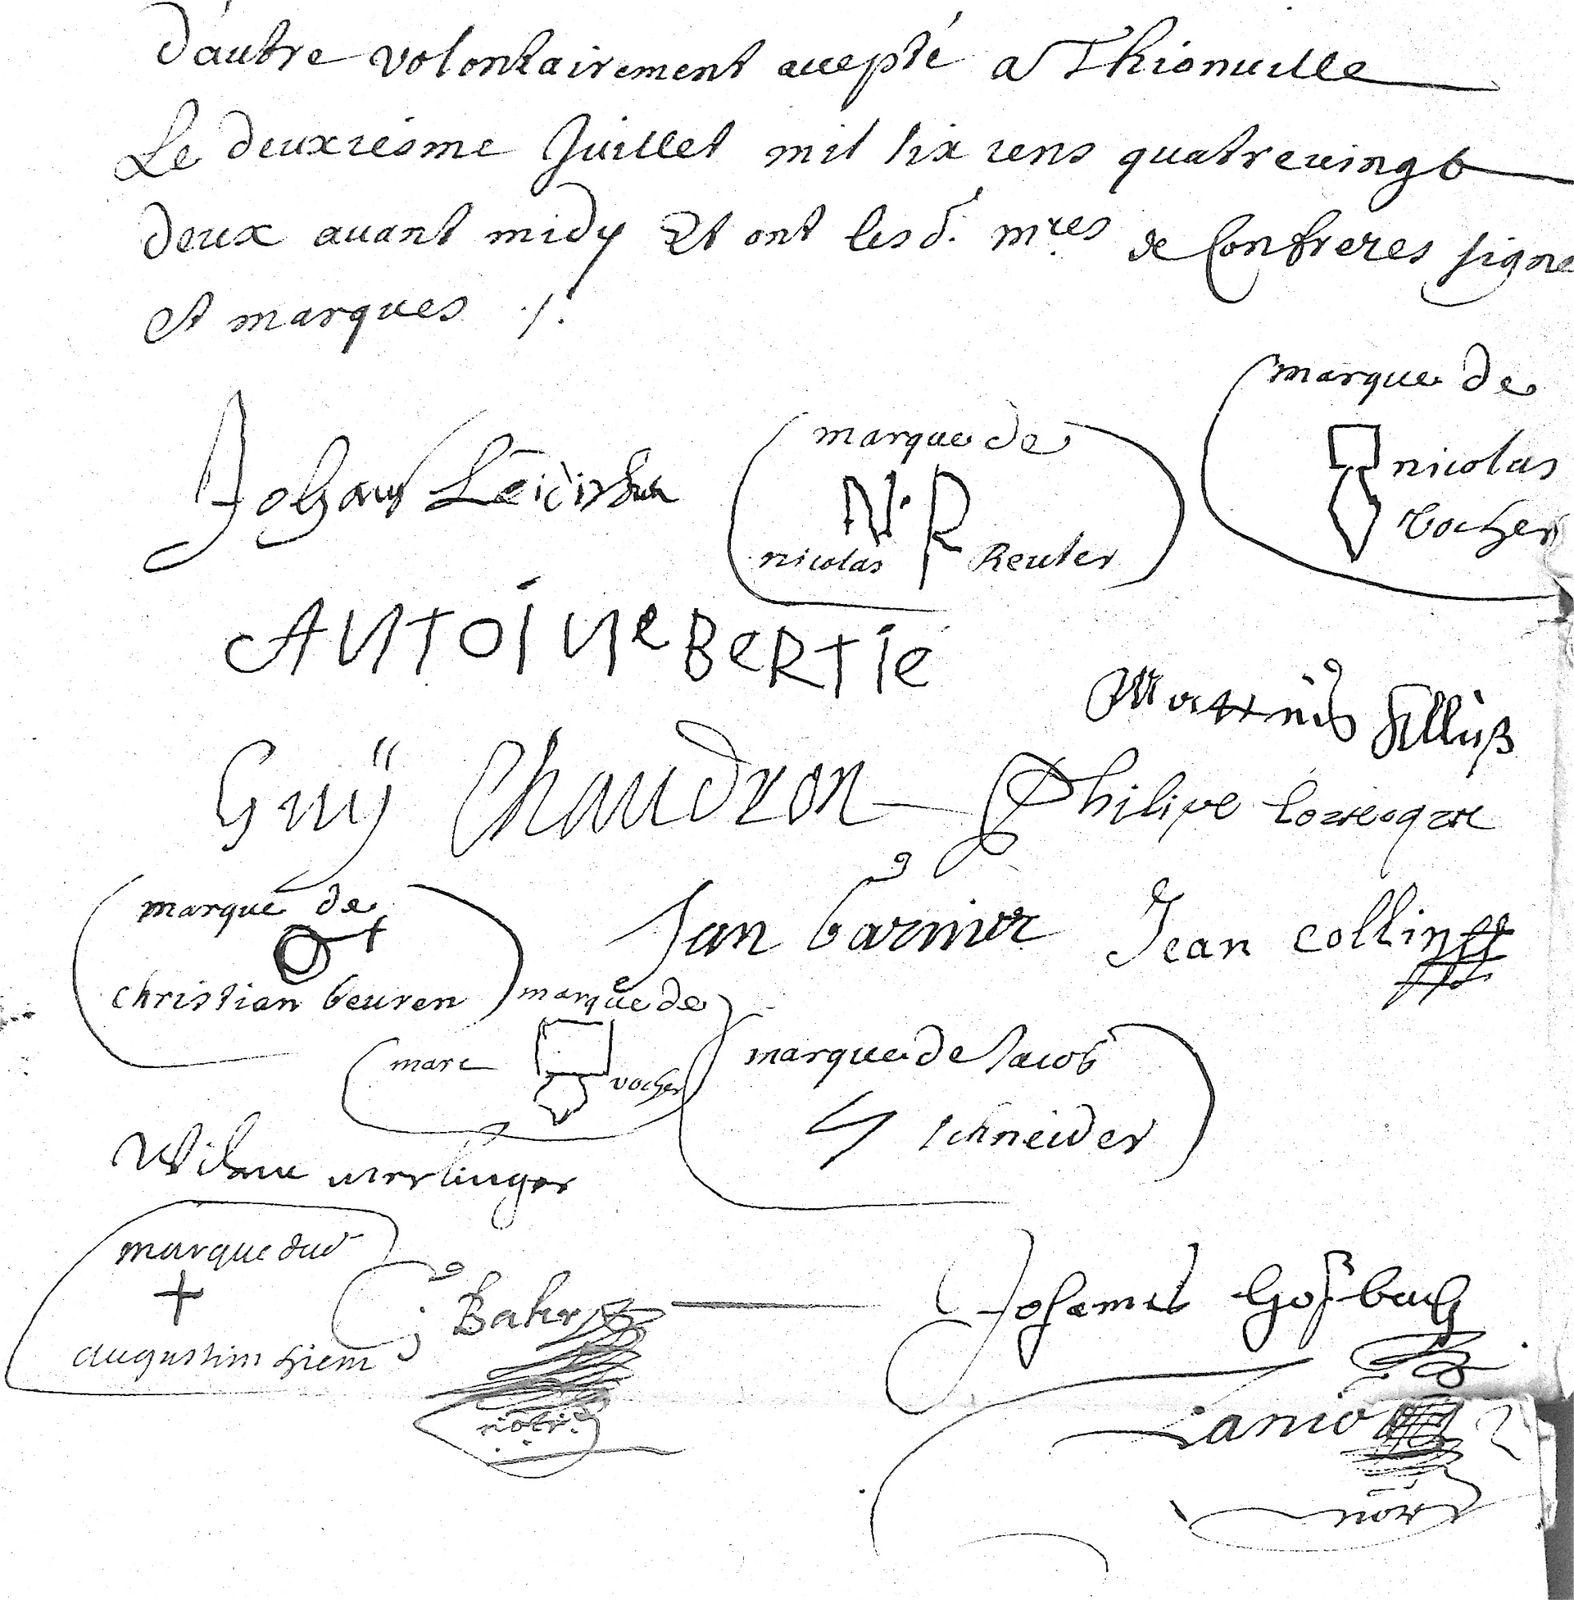 Les signatures et marques des confrères. ADM Lanio 3E7594/798